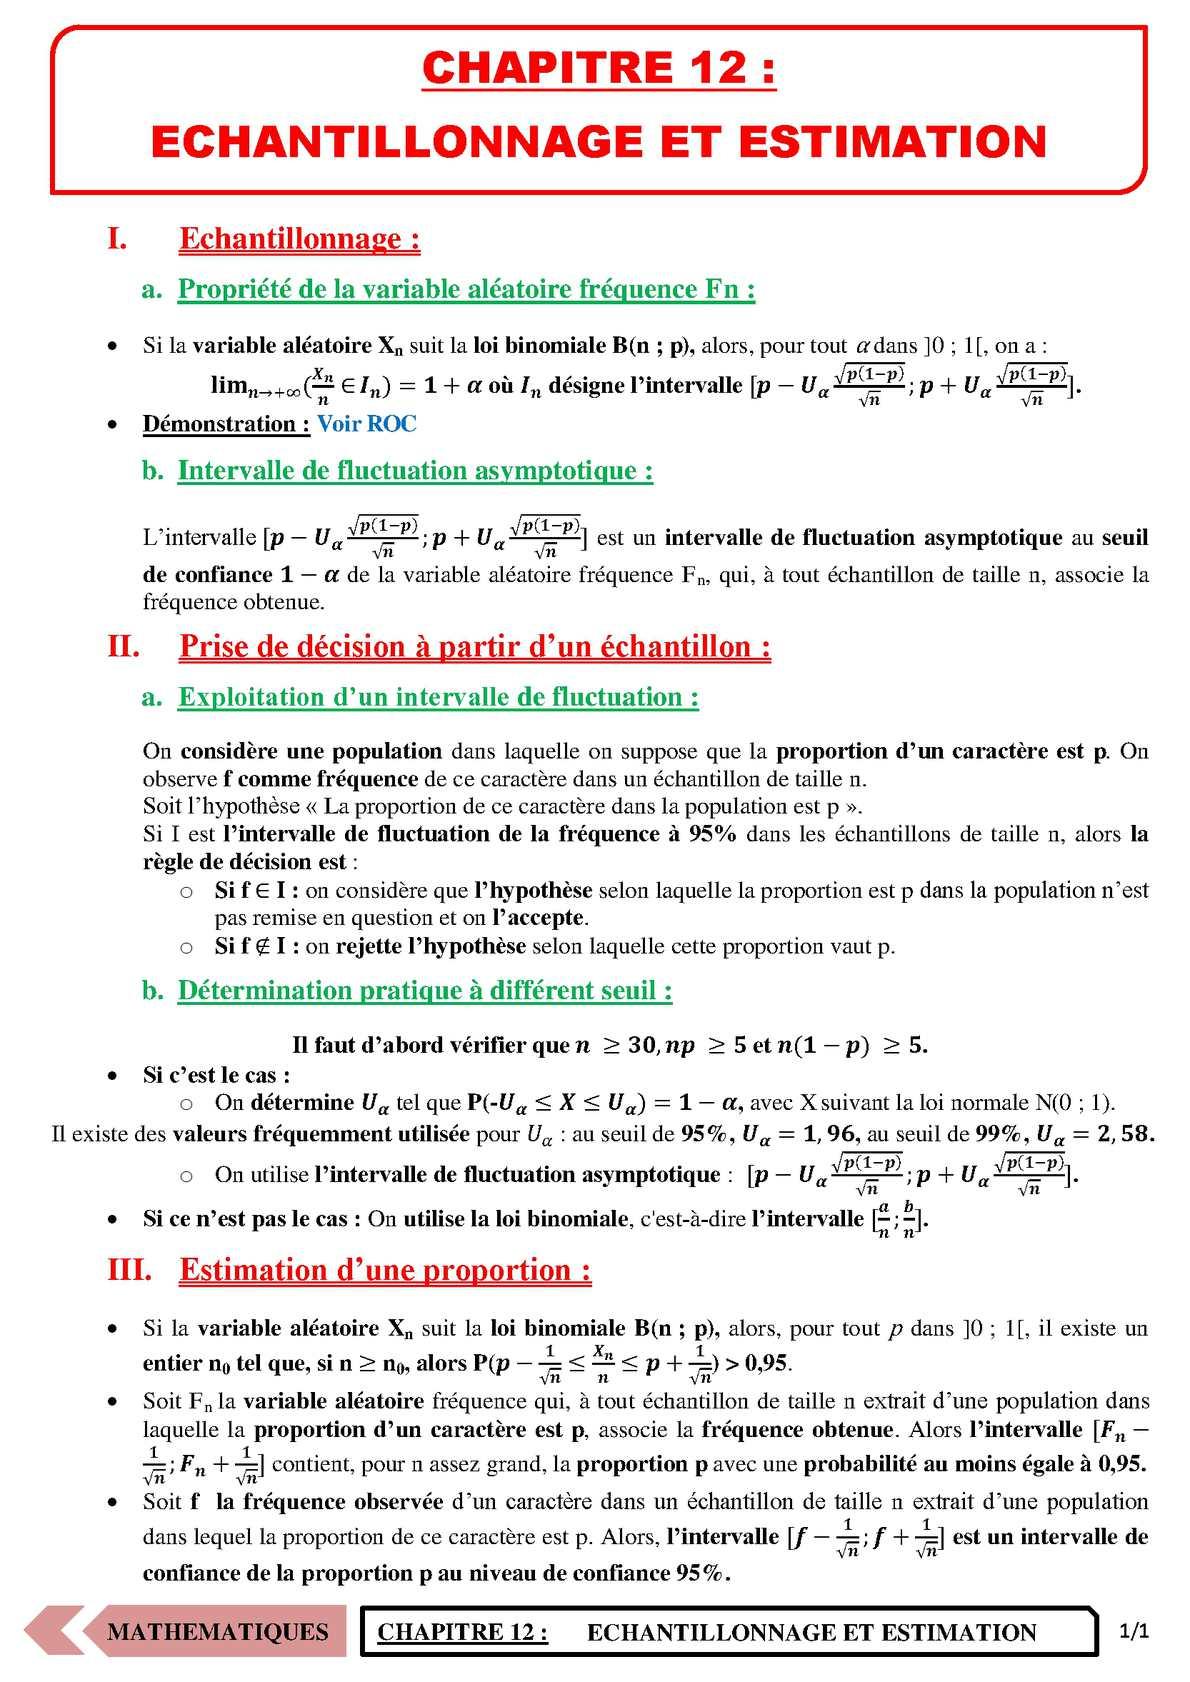 TS - MATHS - Chapitre 12 | JéSky.fr